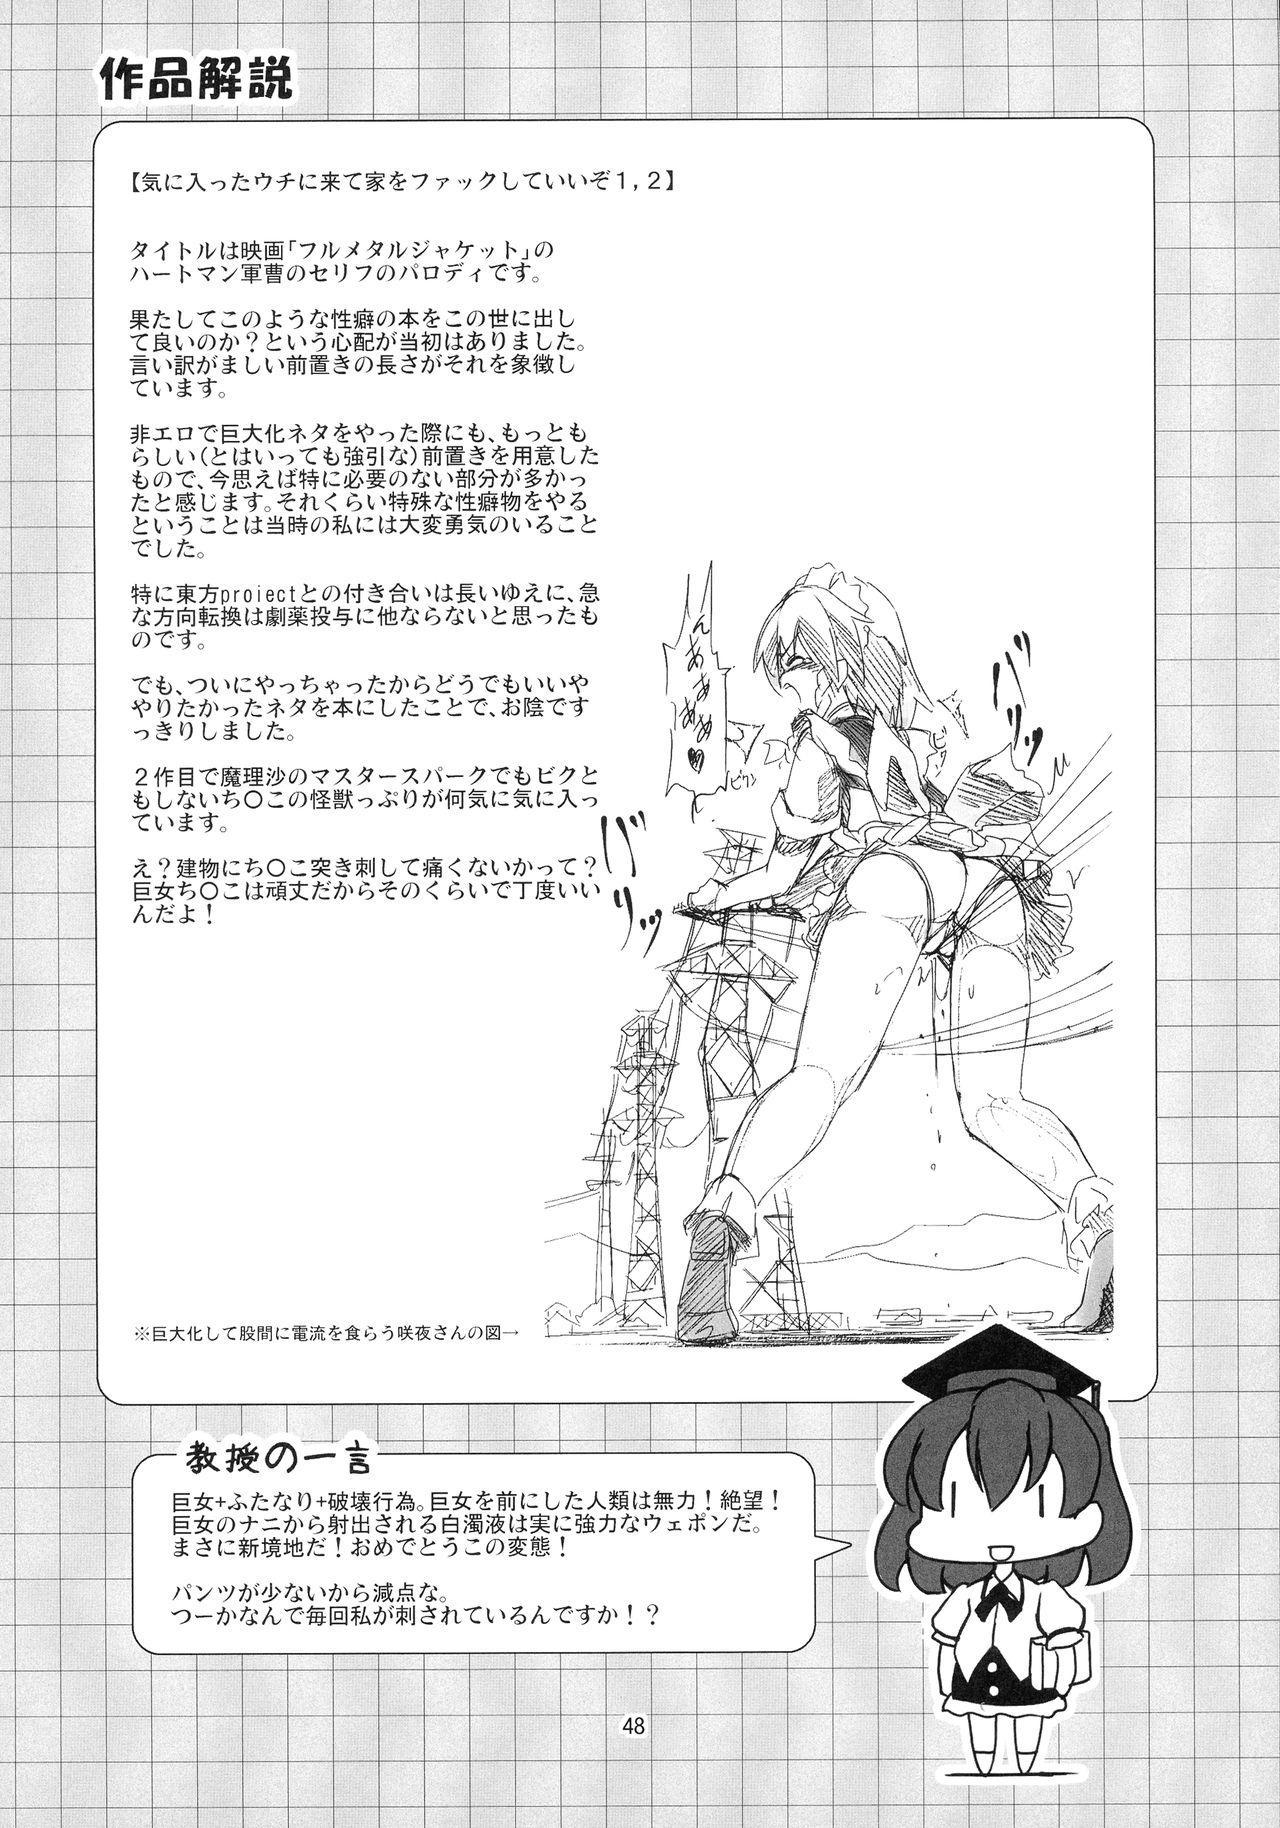 Shameimaru Kyouju no Hiritsuteki Aijou 47